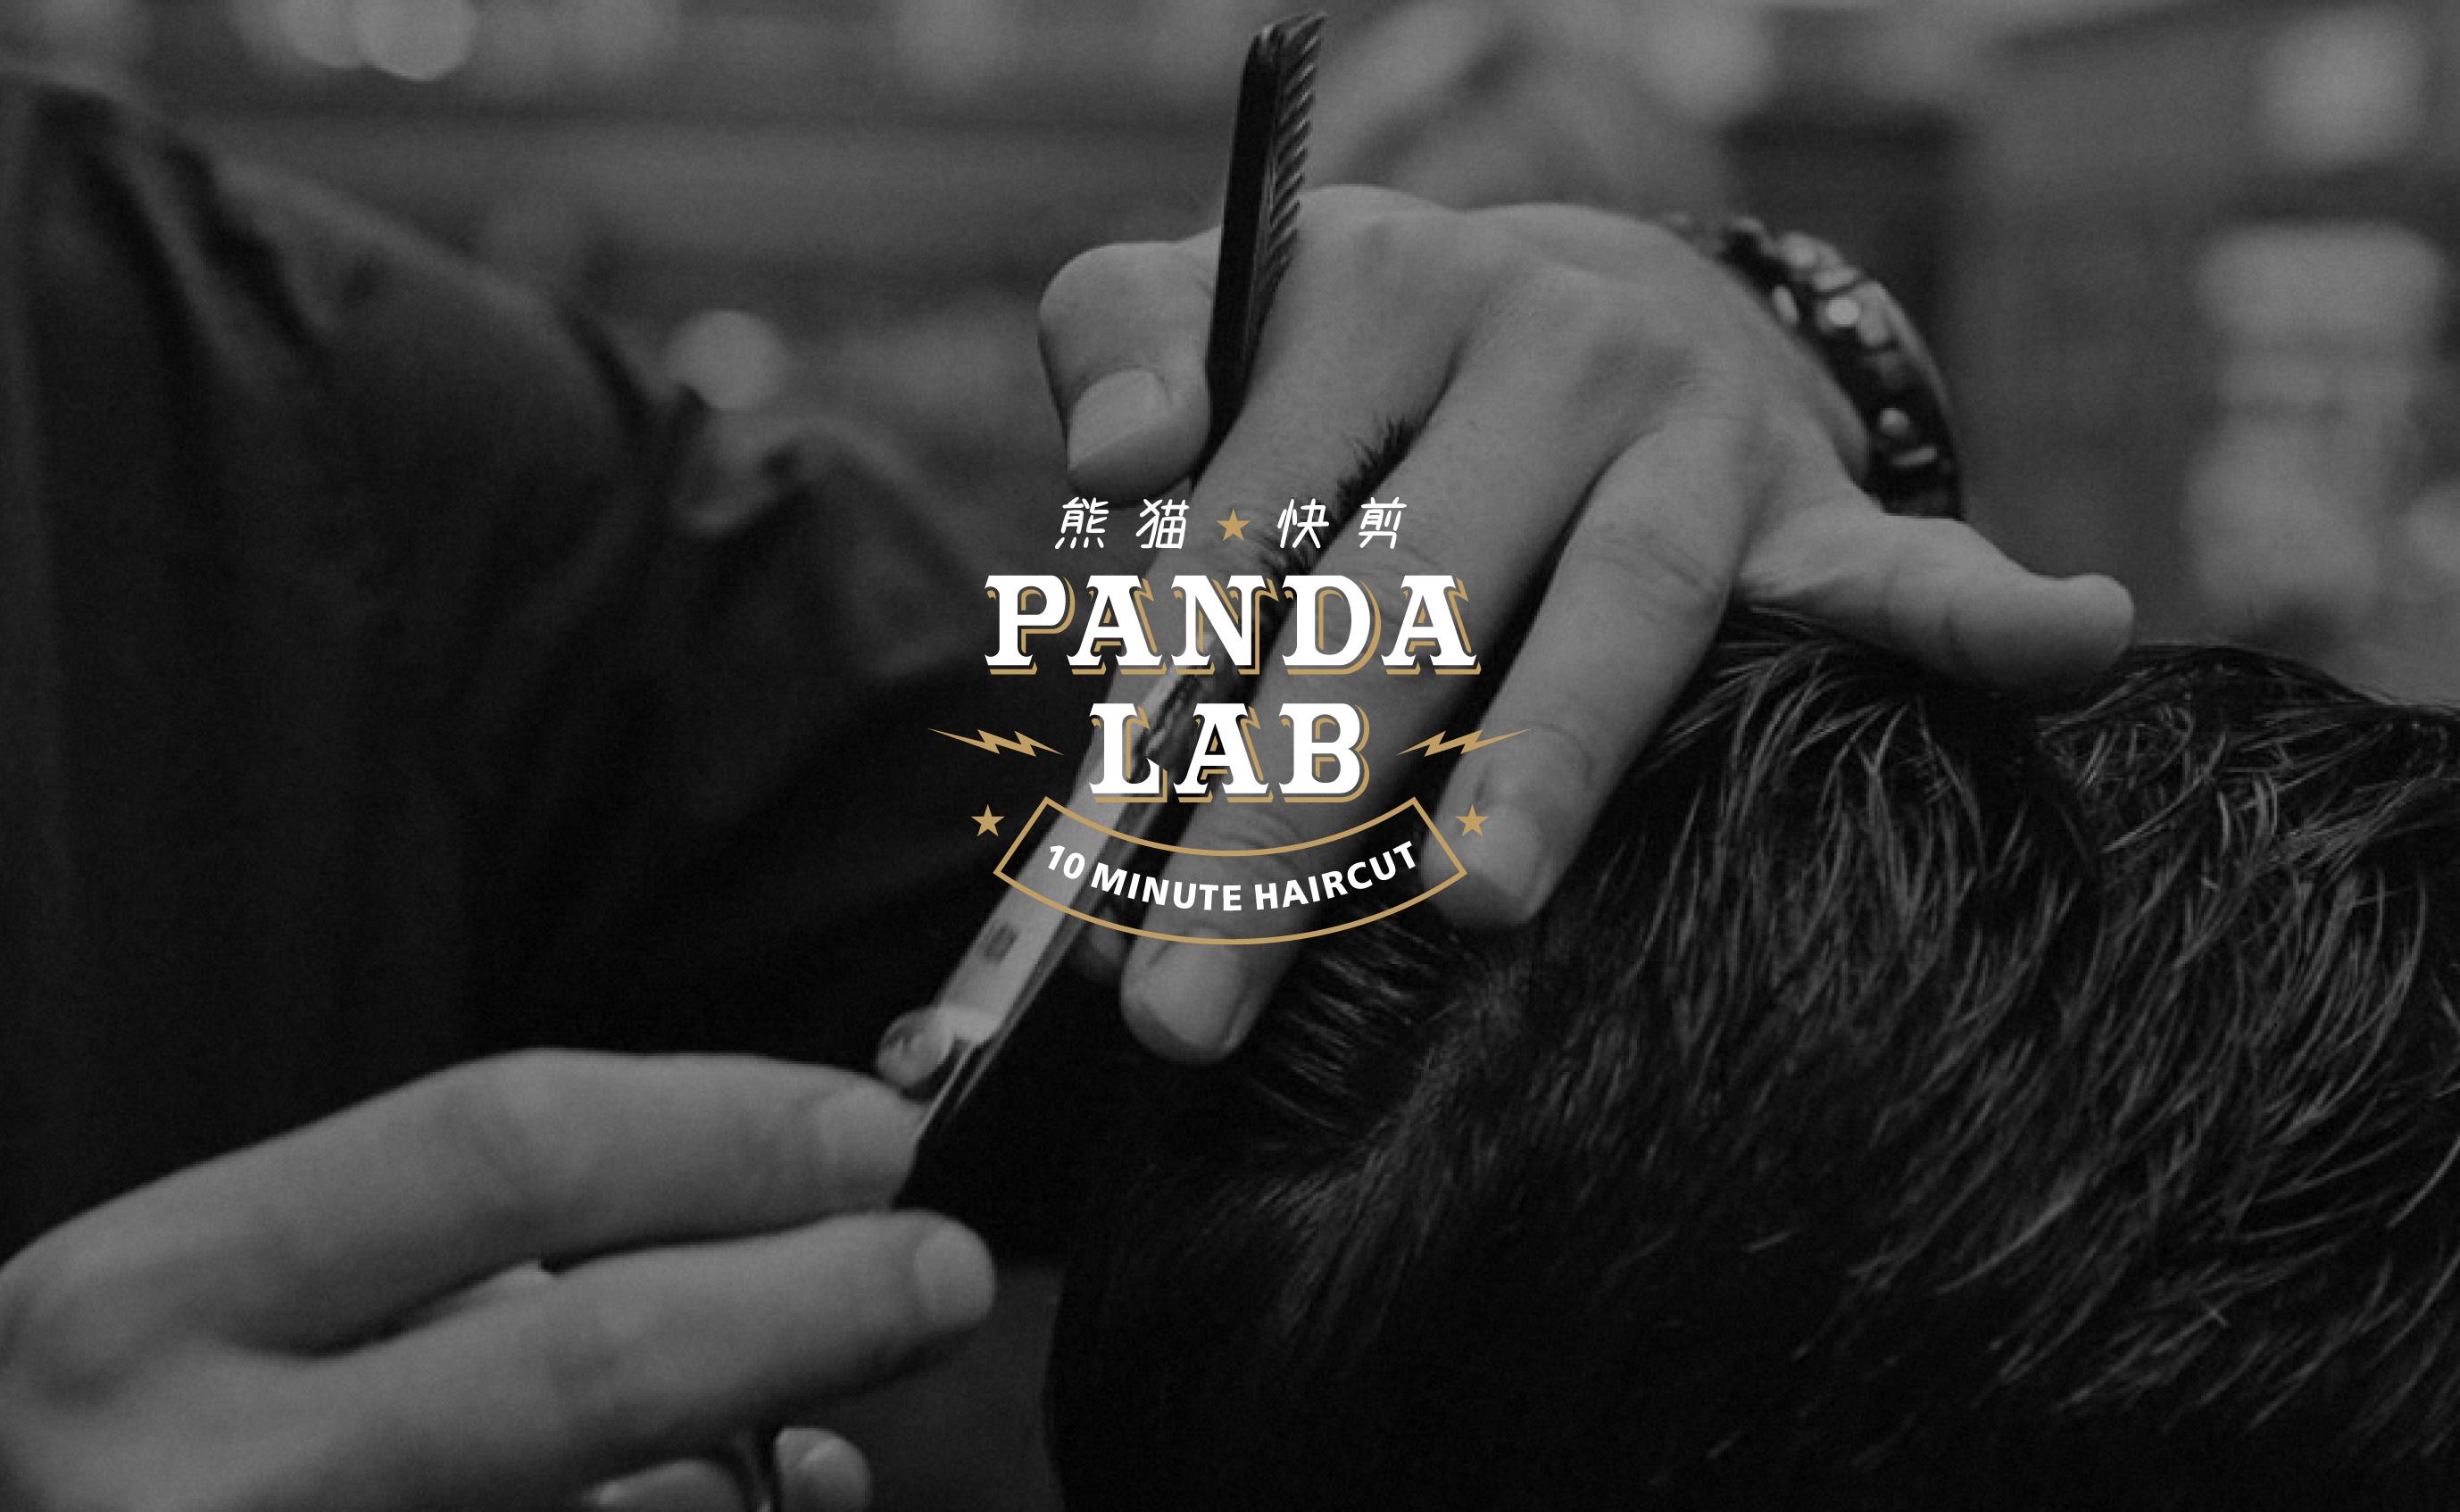 PandaLab Speed Hair Styling